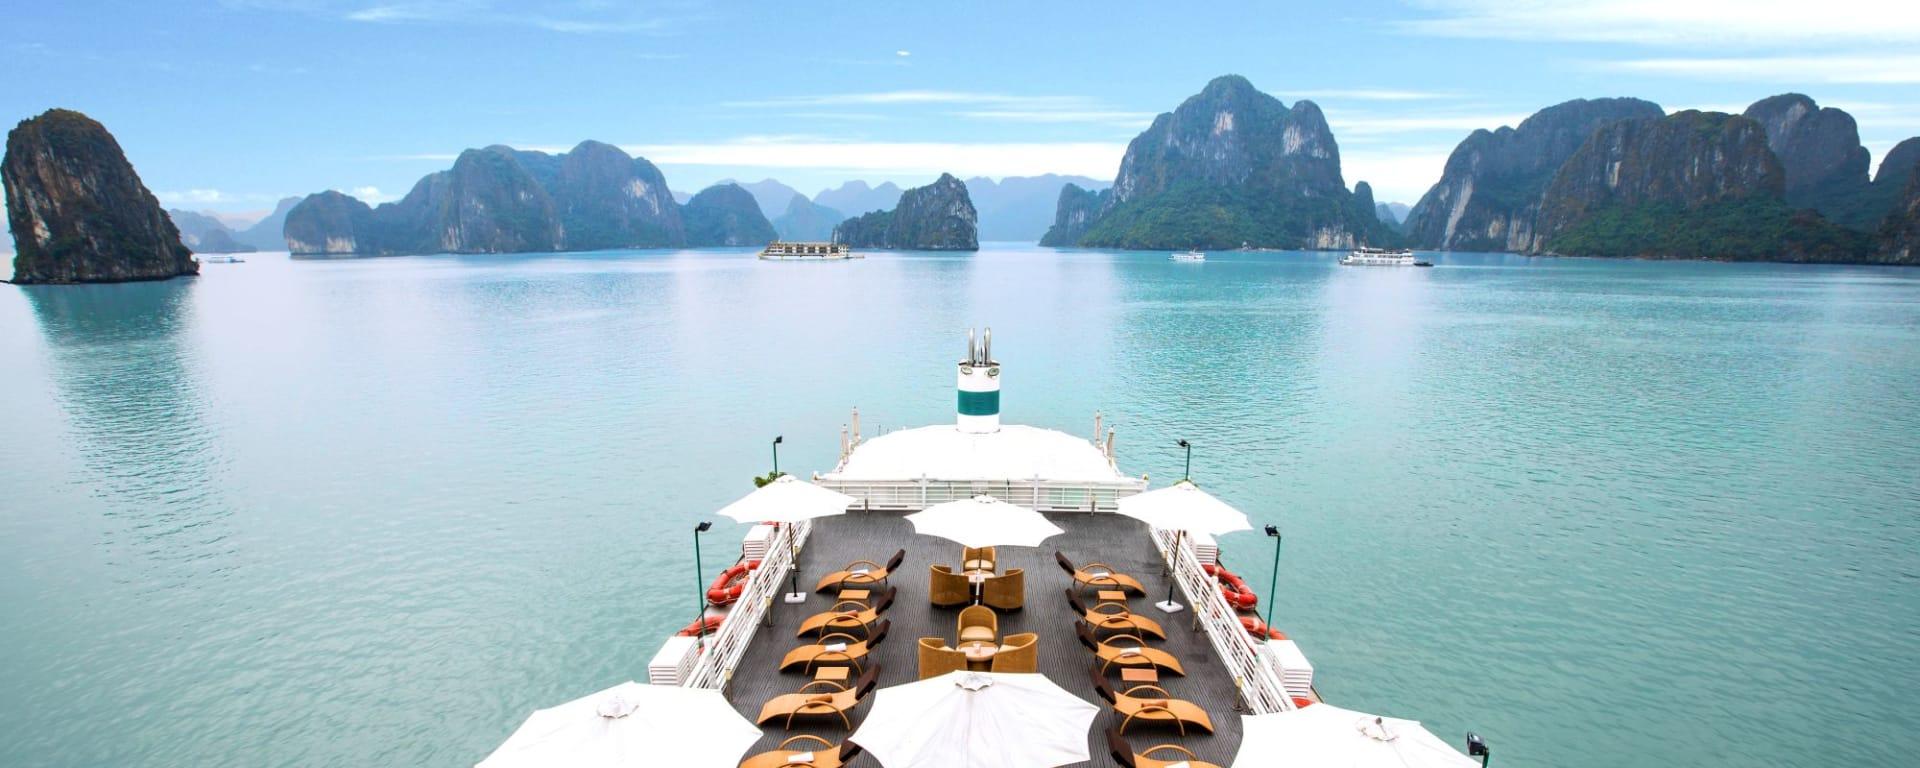 Croisières dans la baie de Halong avec «The Au Co» de Hanoi: Sundeck - 2